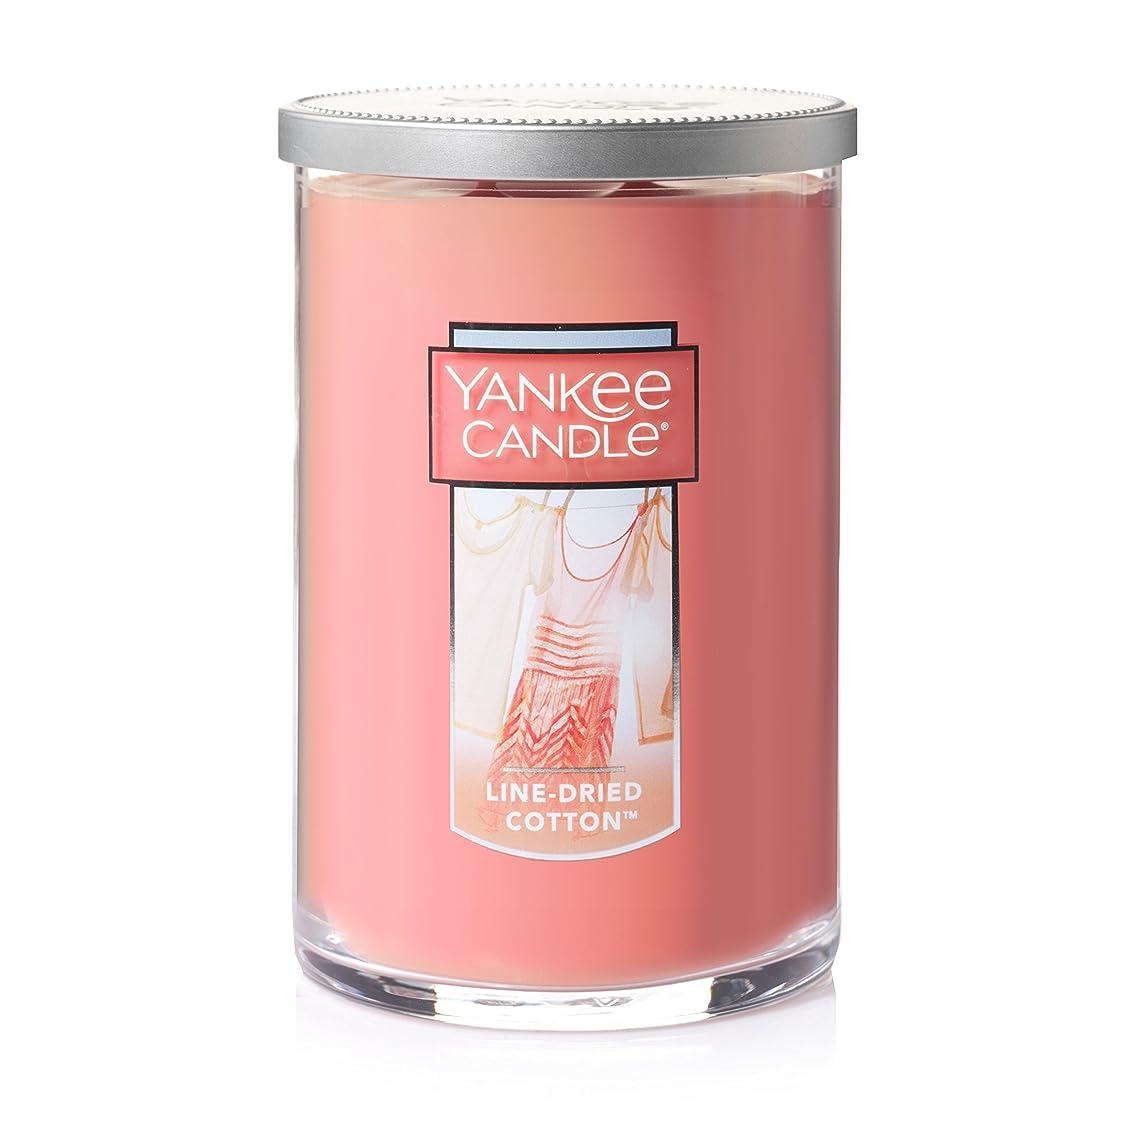 台無しに抵当シートYankee Candle Jar Candle、line-driedコットン Large 2-Wick Tumbler Candle ピンク 1351643